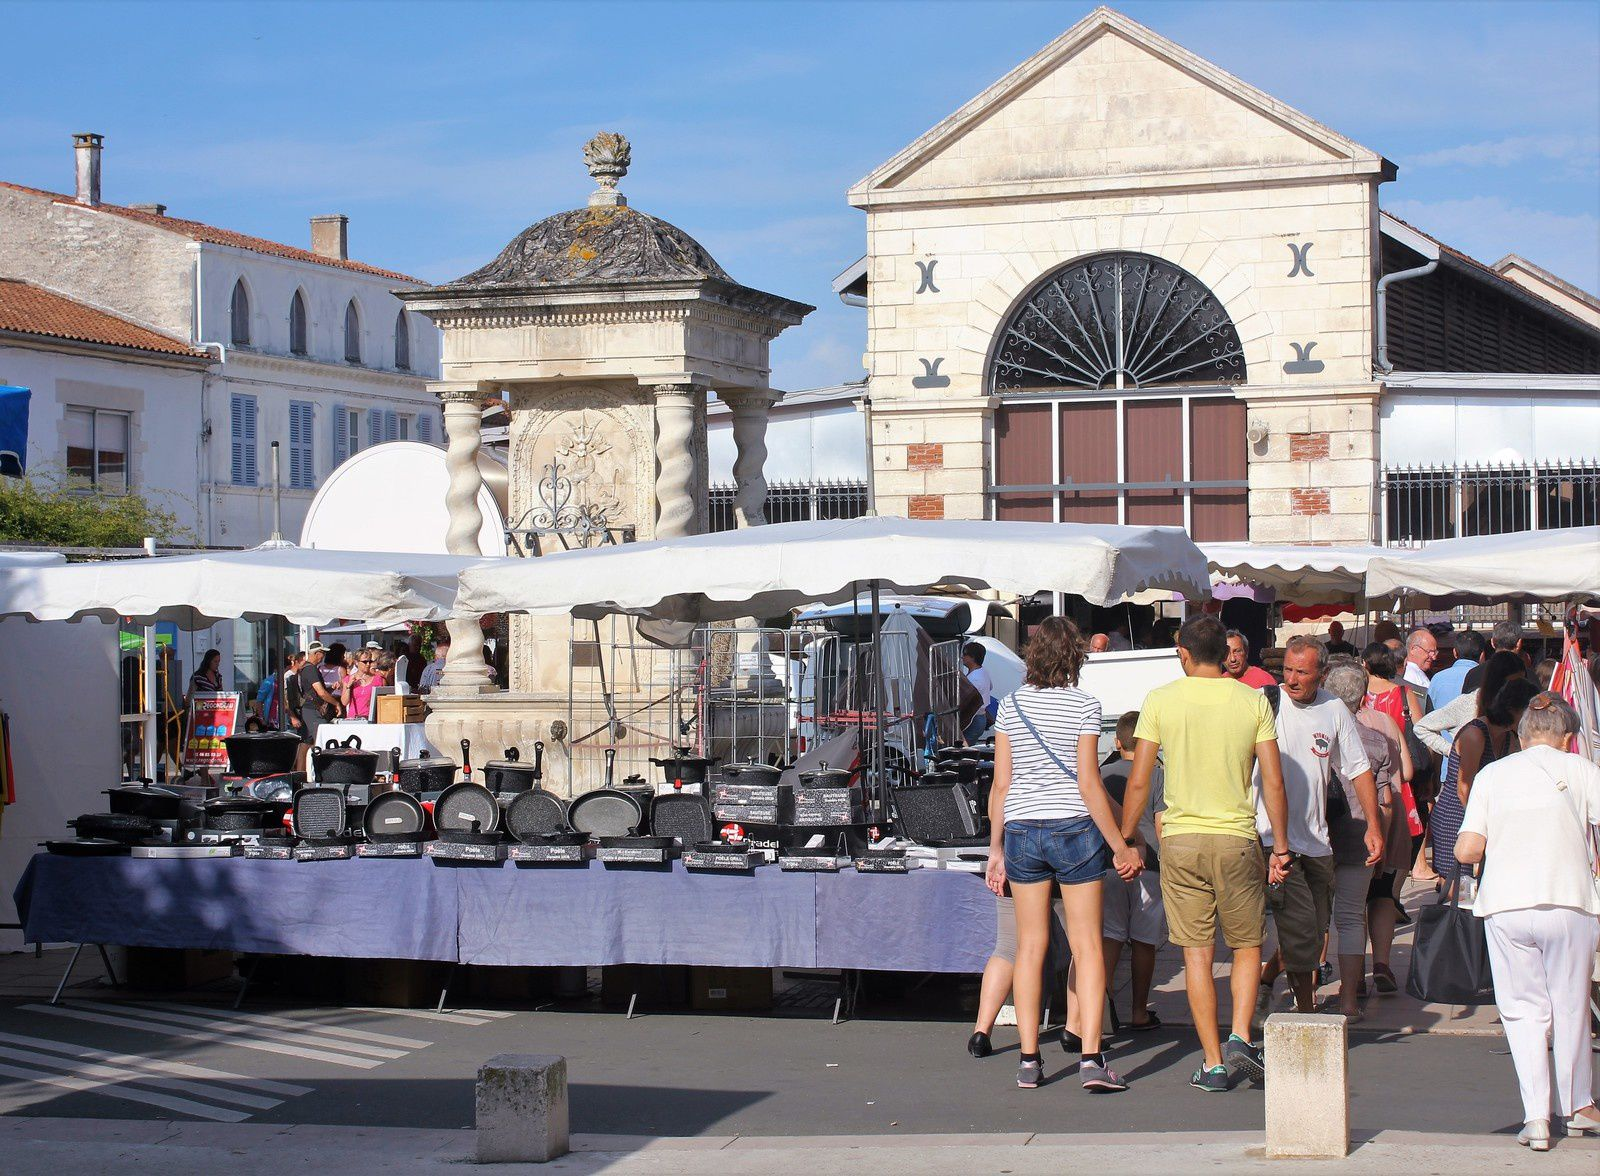 La halle, la fontaine et le marché